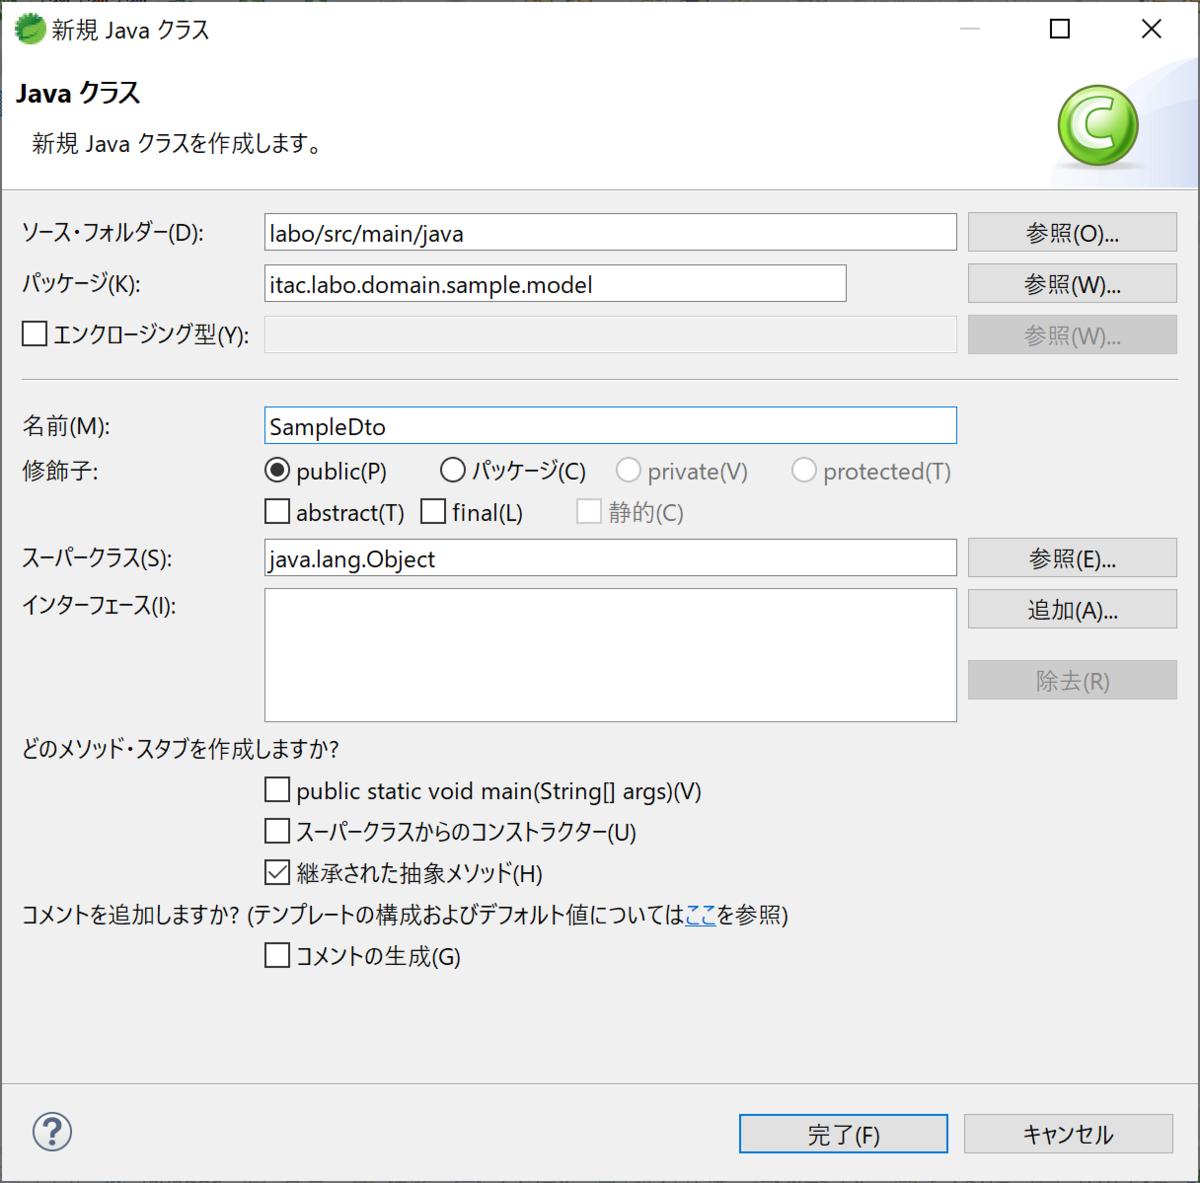 f:id:shizuuuka0202:20200521222754p:plain